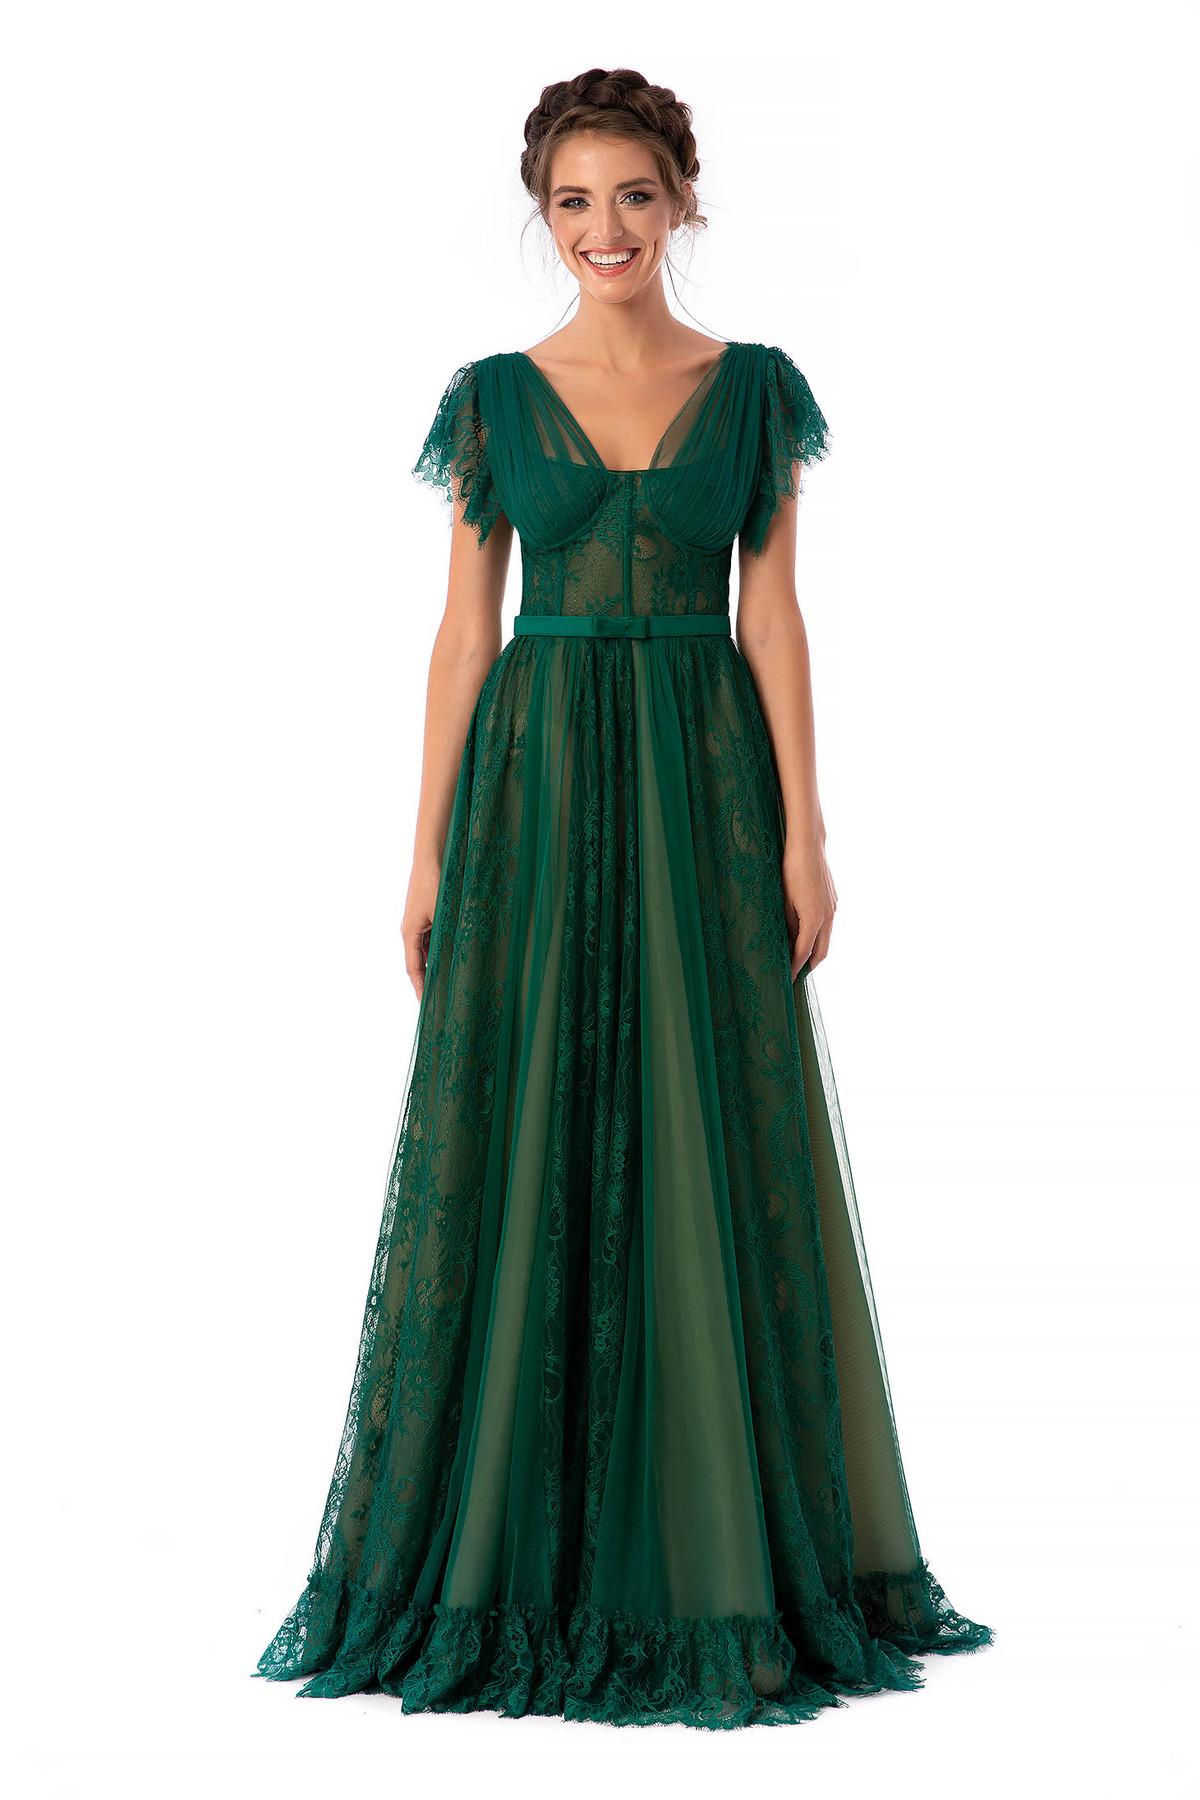 Rochie Ana Radu verde de lux lunga in clos tip corset din dantela cu volanase la bretele si cordon detasabil